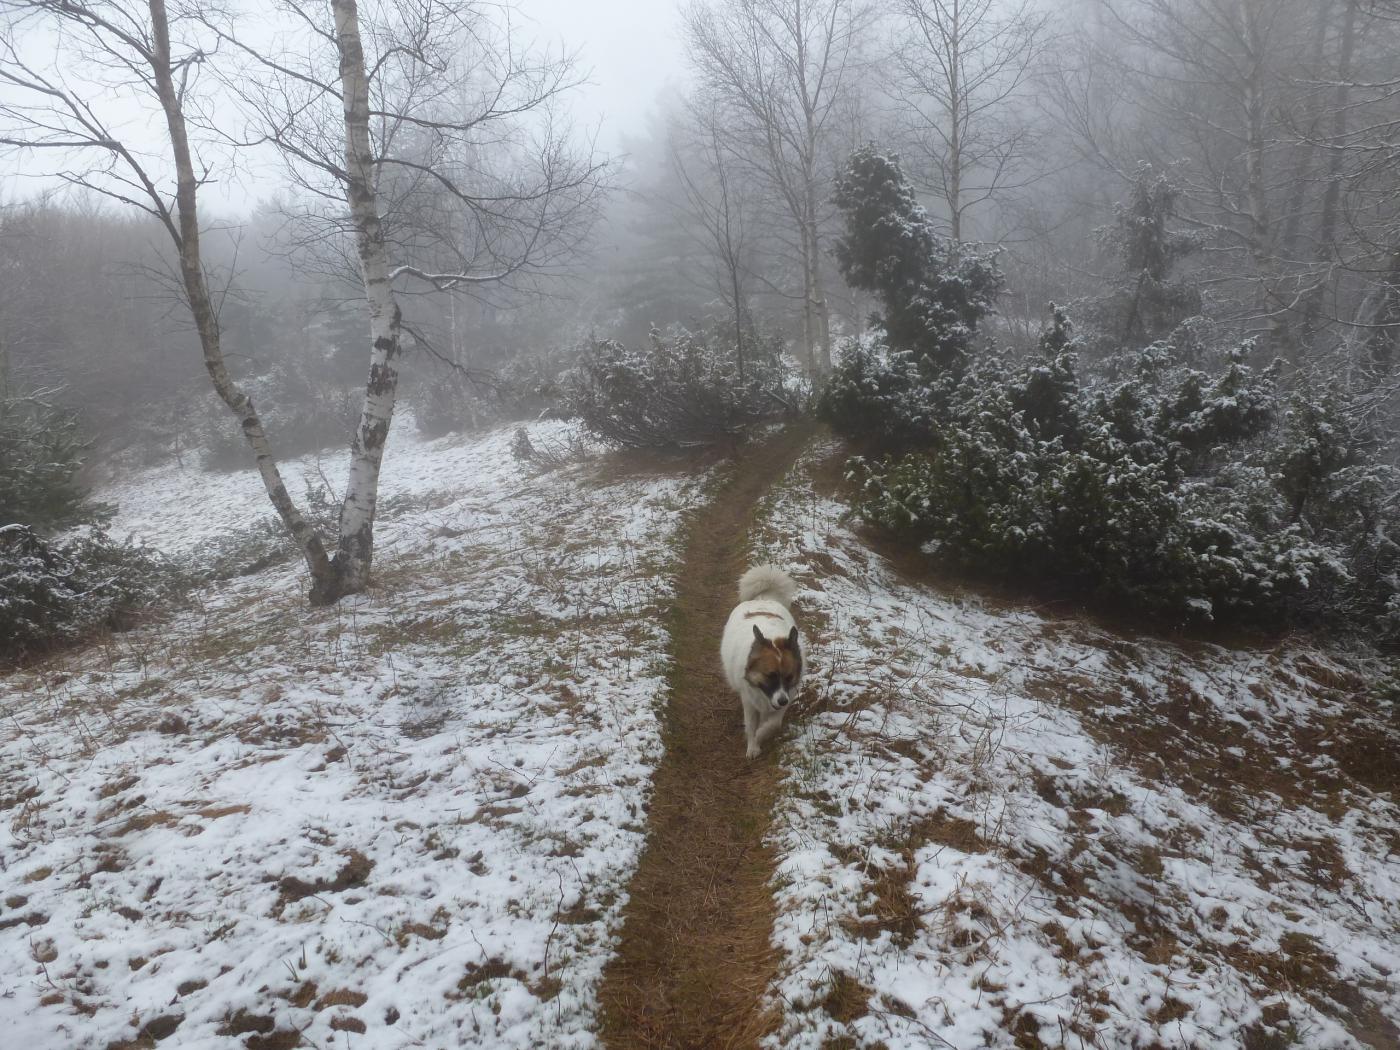 spolverata di neve